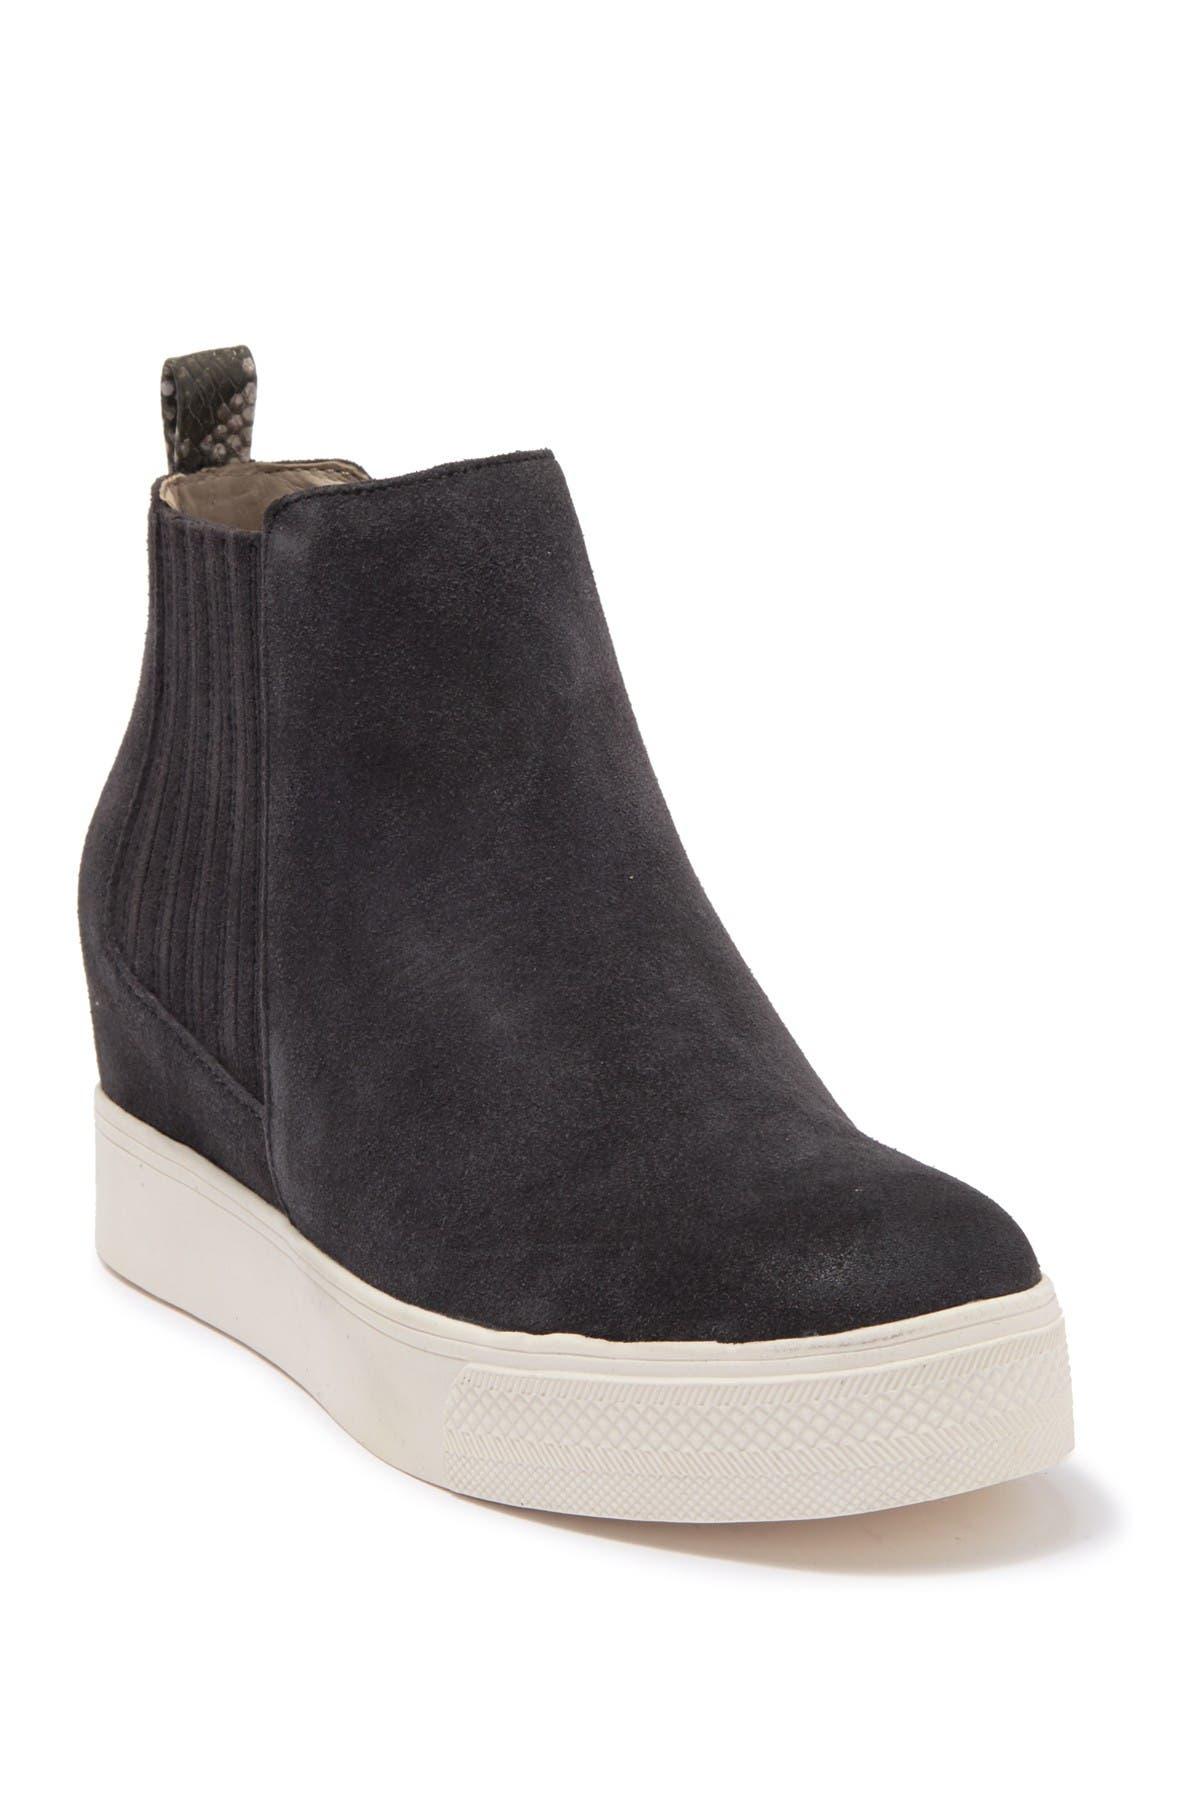 Image of DV Footwear Wesly Suede Wedge Sneaker